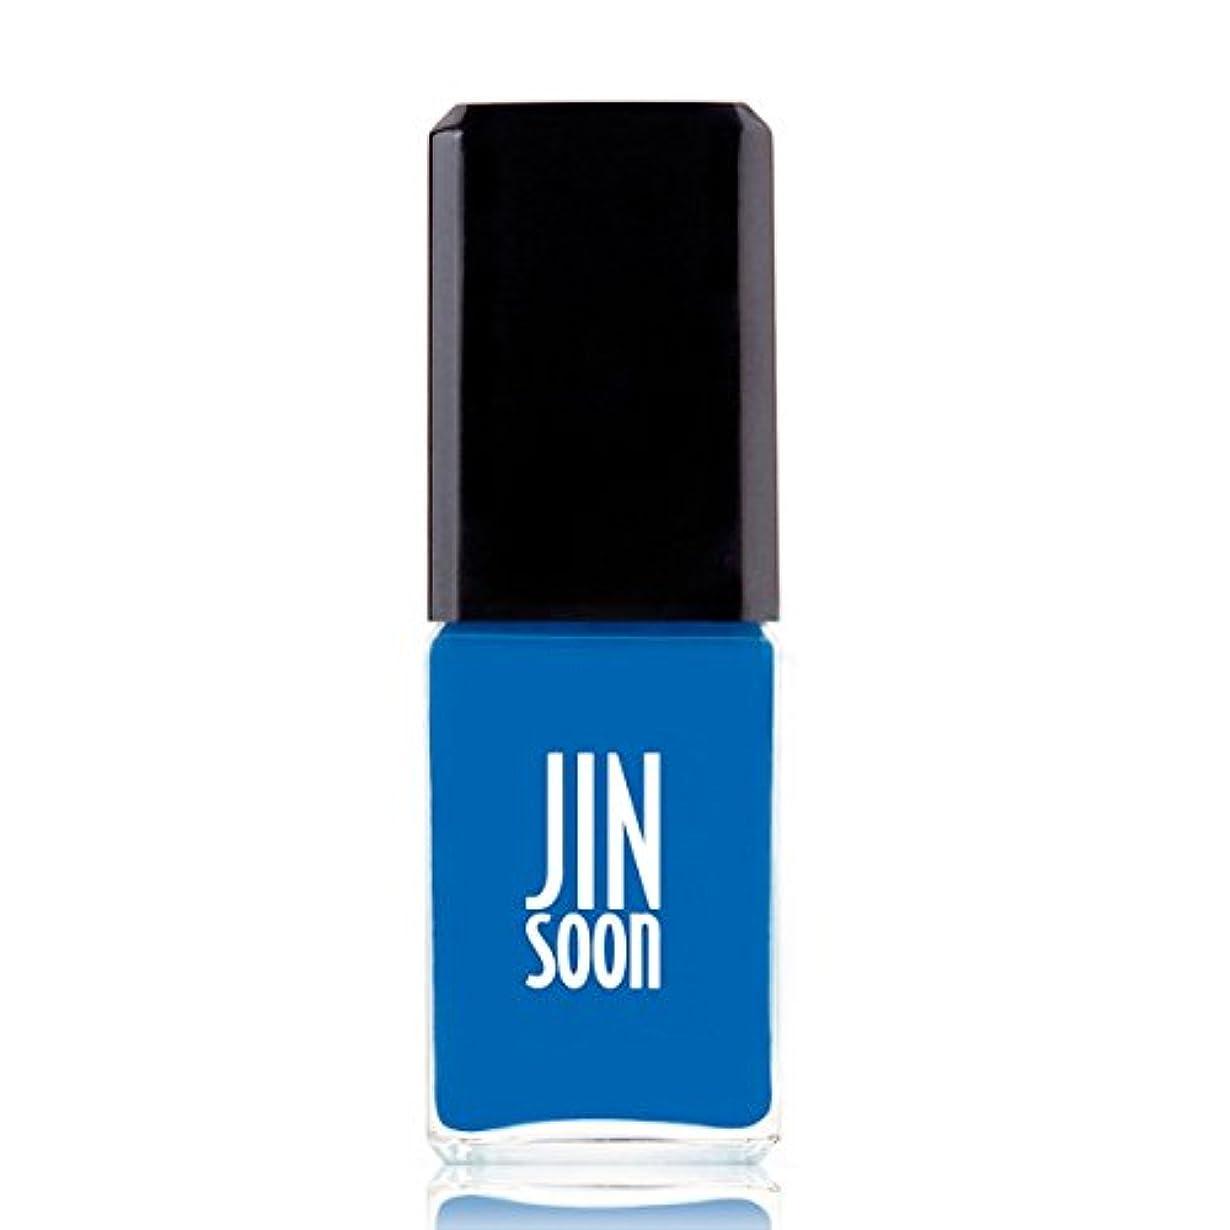 軍団謙虚な対抗[ジンスーン] [ jinsoon] クールブルー (セルリアンブルー)COOL BLUE ジンスーン 5フリー ネイルポリッシュ【ブルー】 11mL